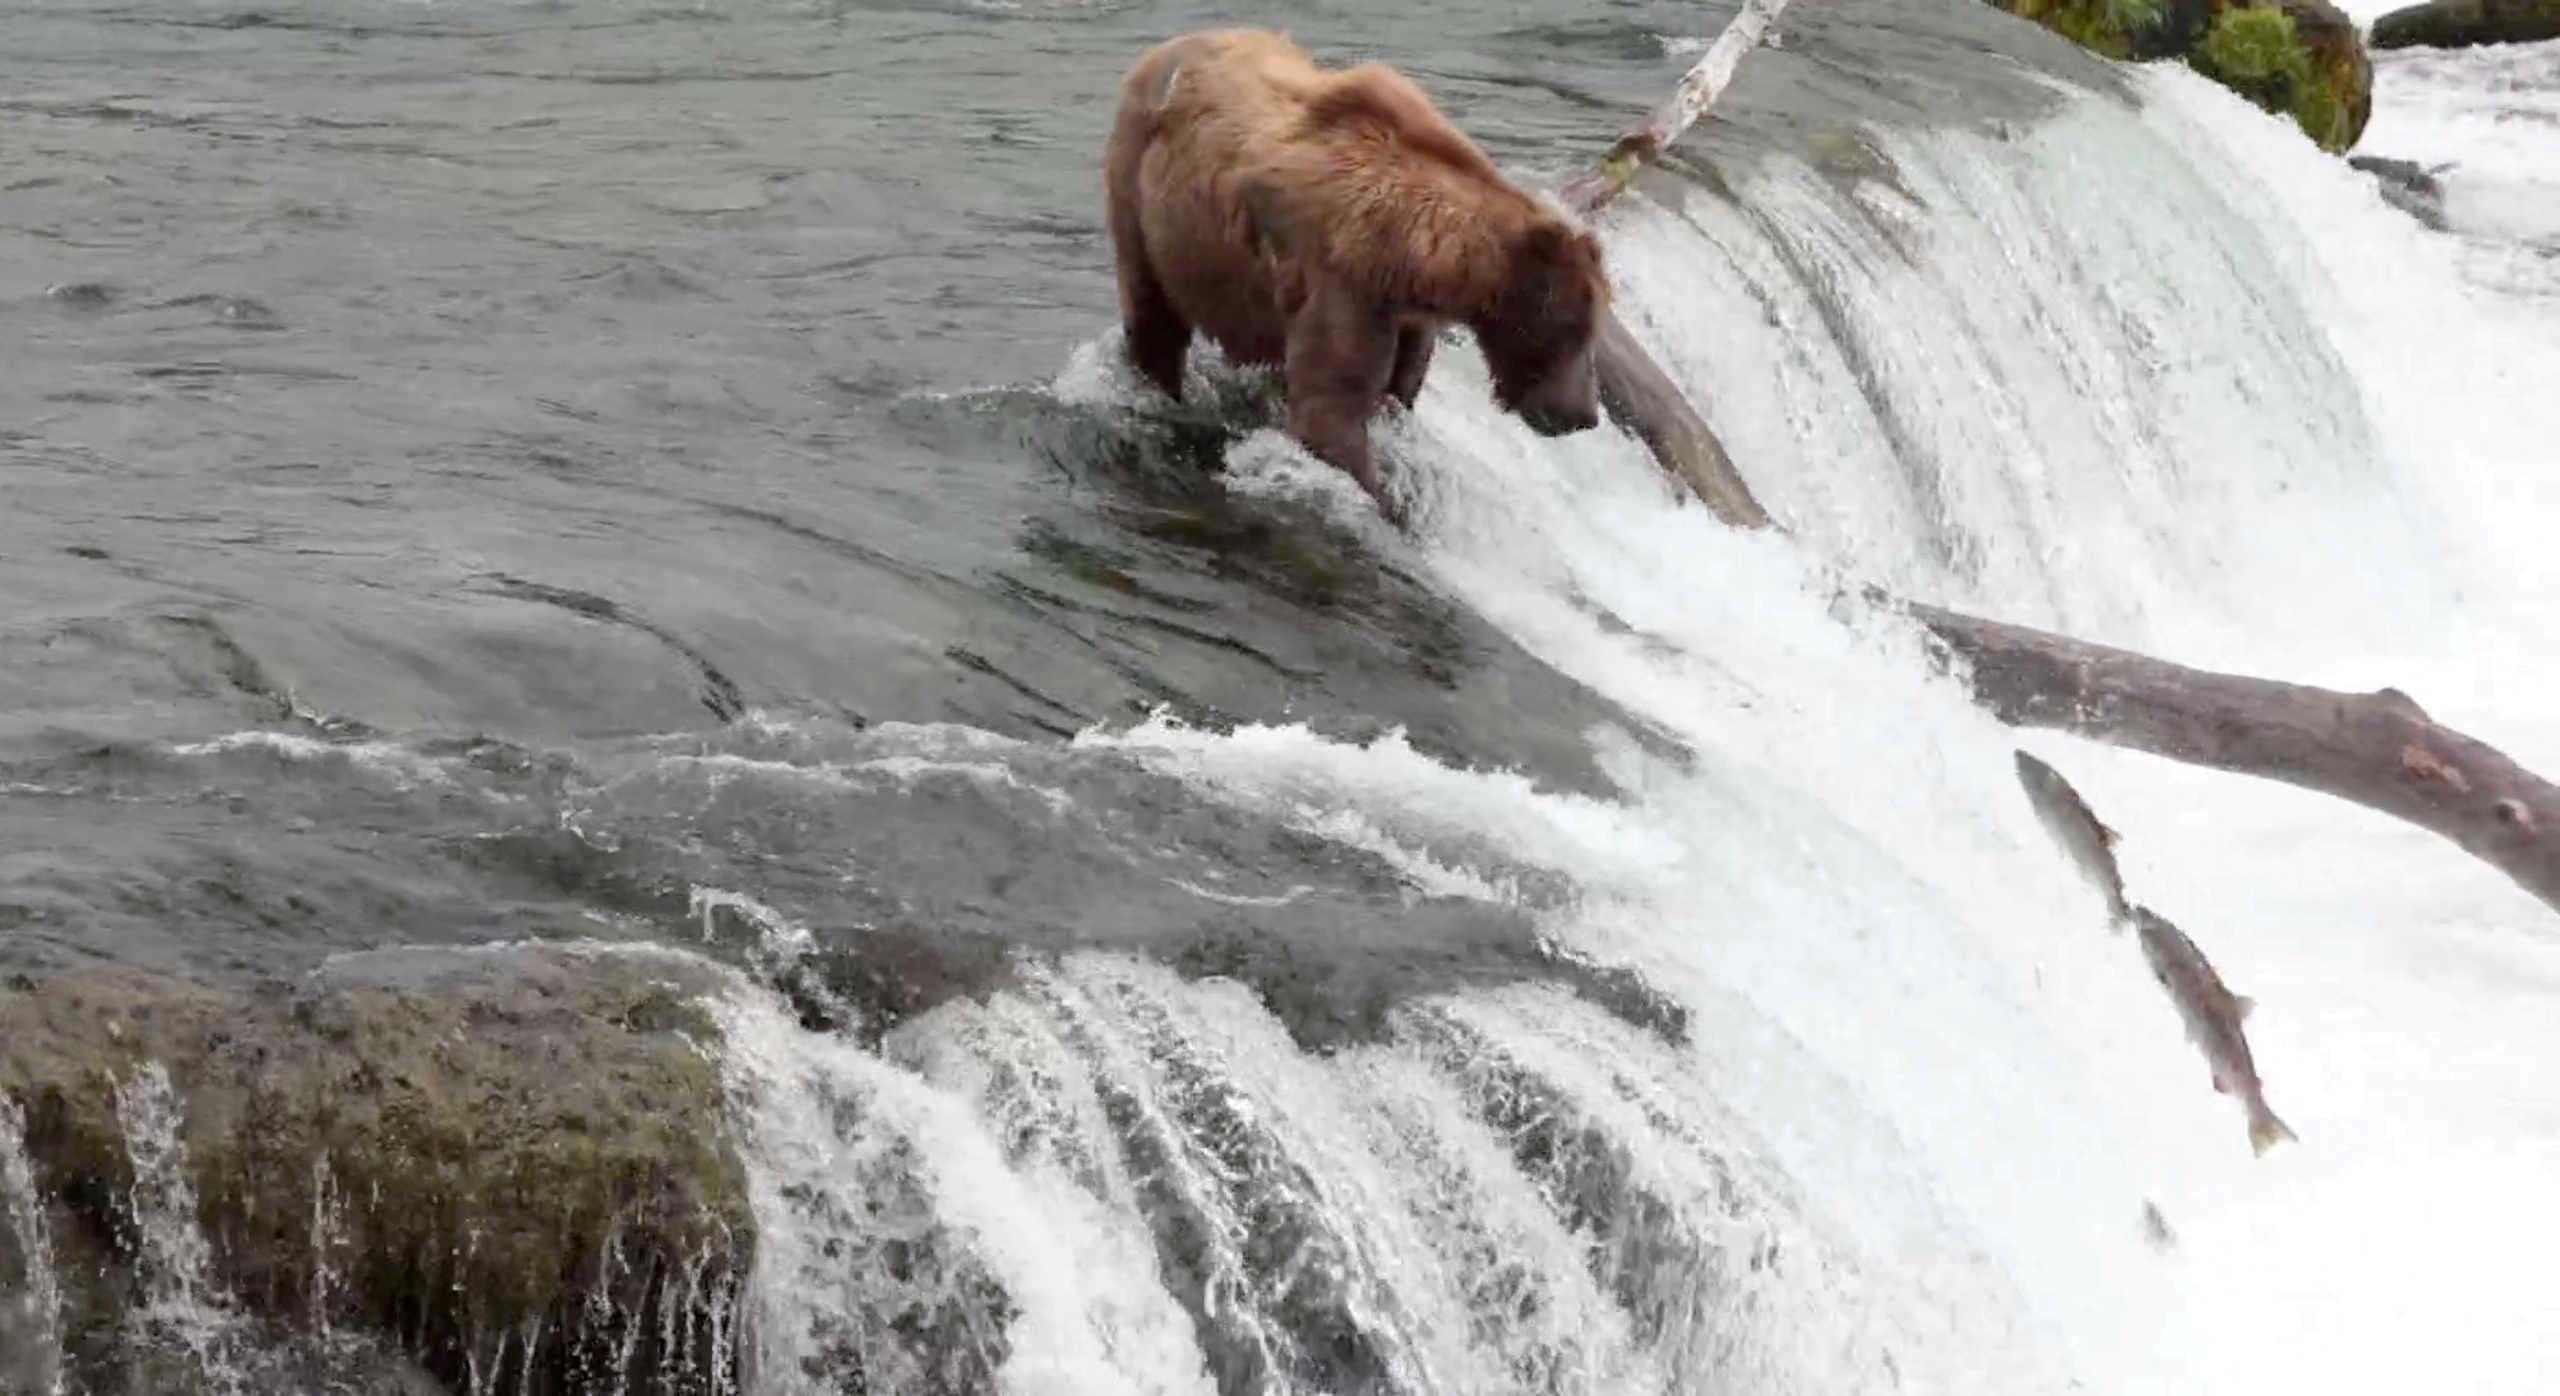 Τίποτα όρθιο! Ο Τραμπ επιτρέπει το κυνήγι μωρών αρκούδων και λύκων στην Αλάσκα